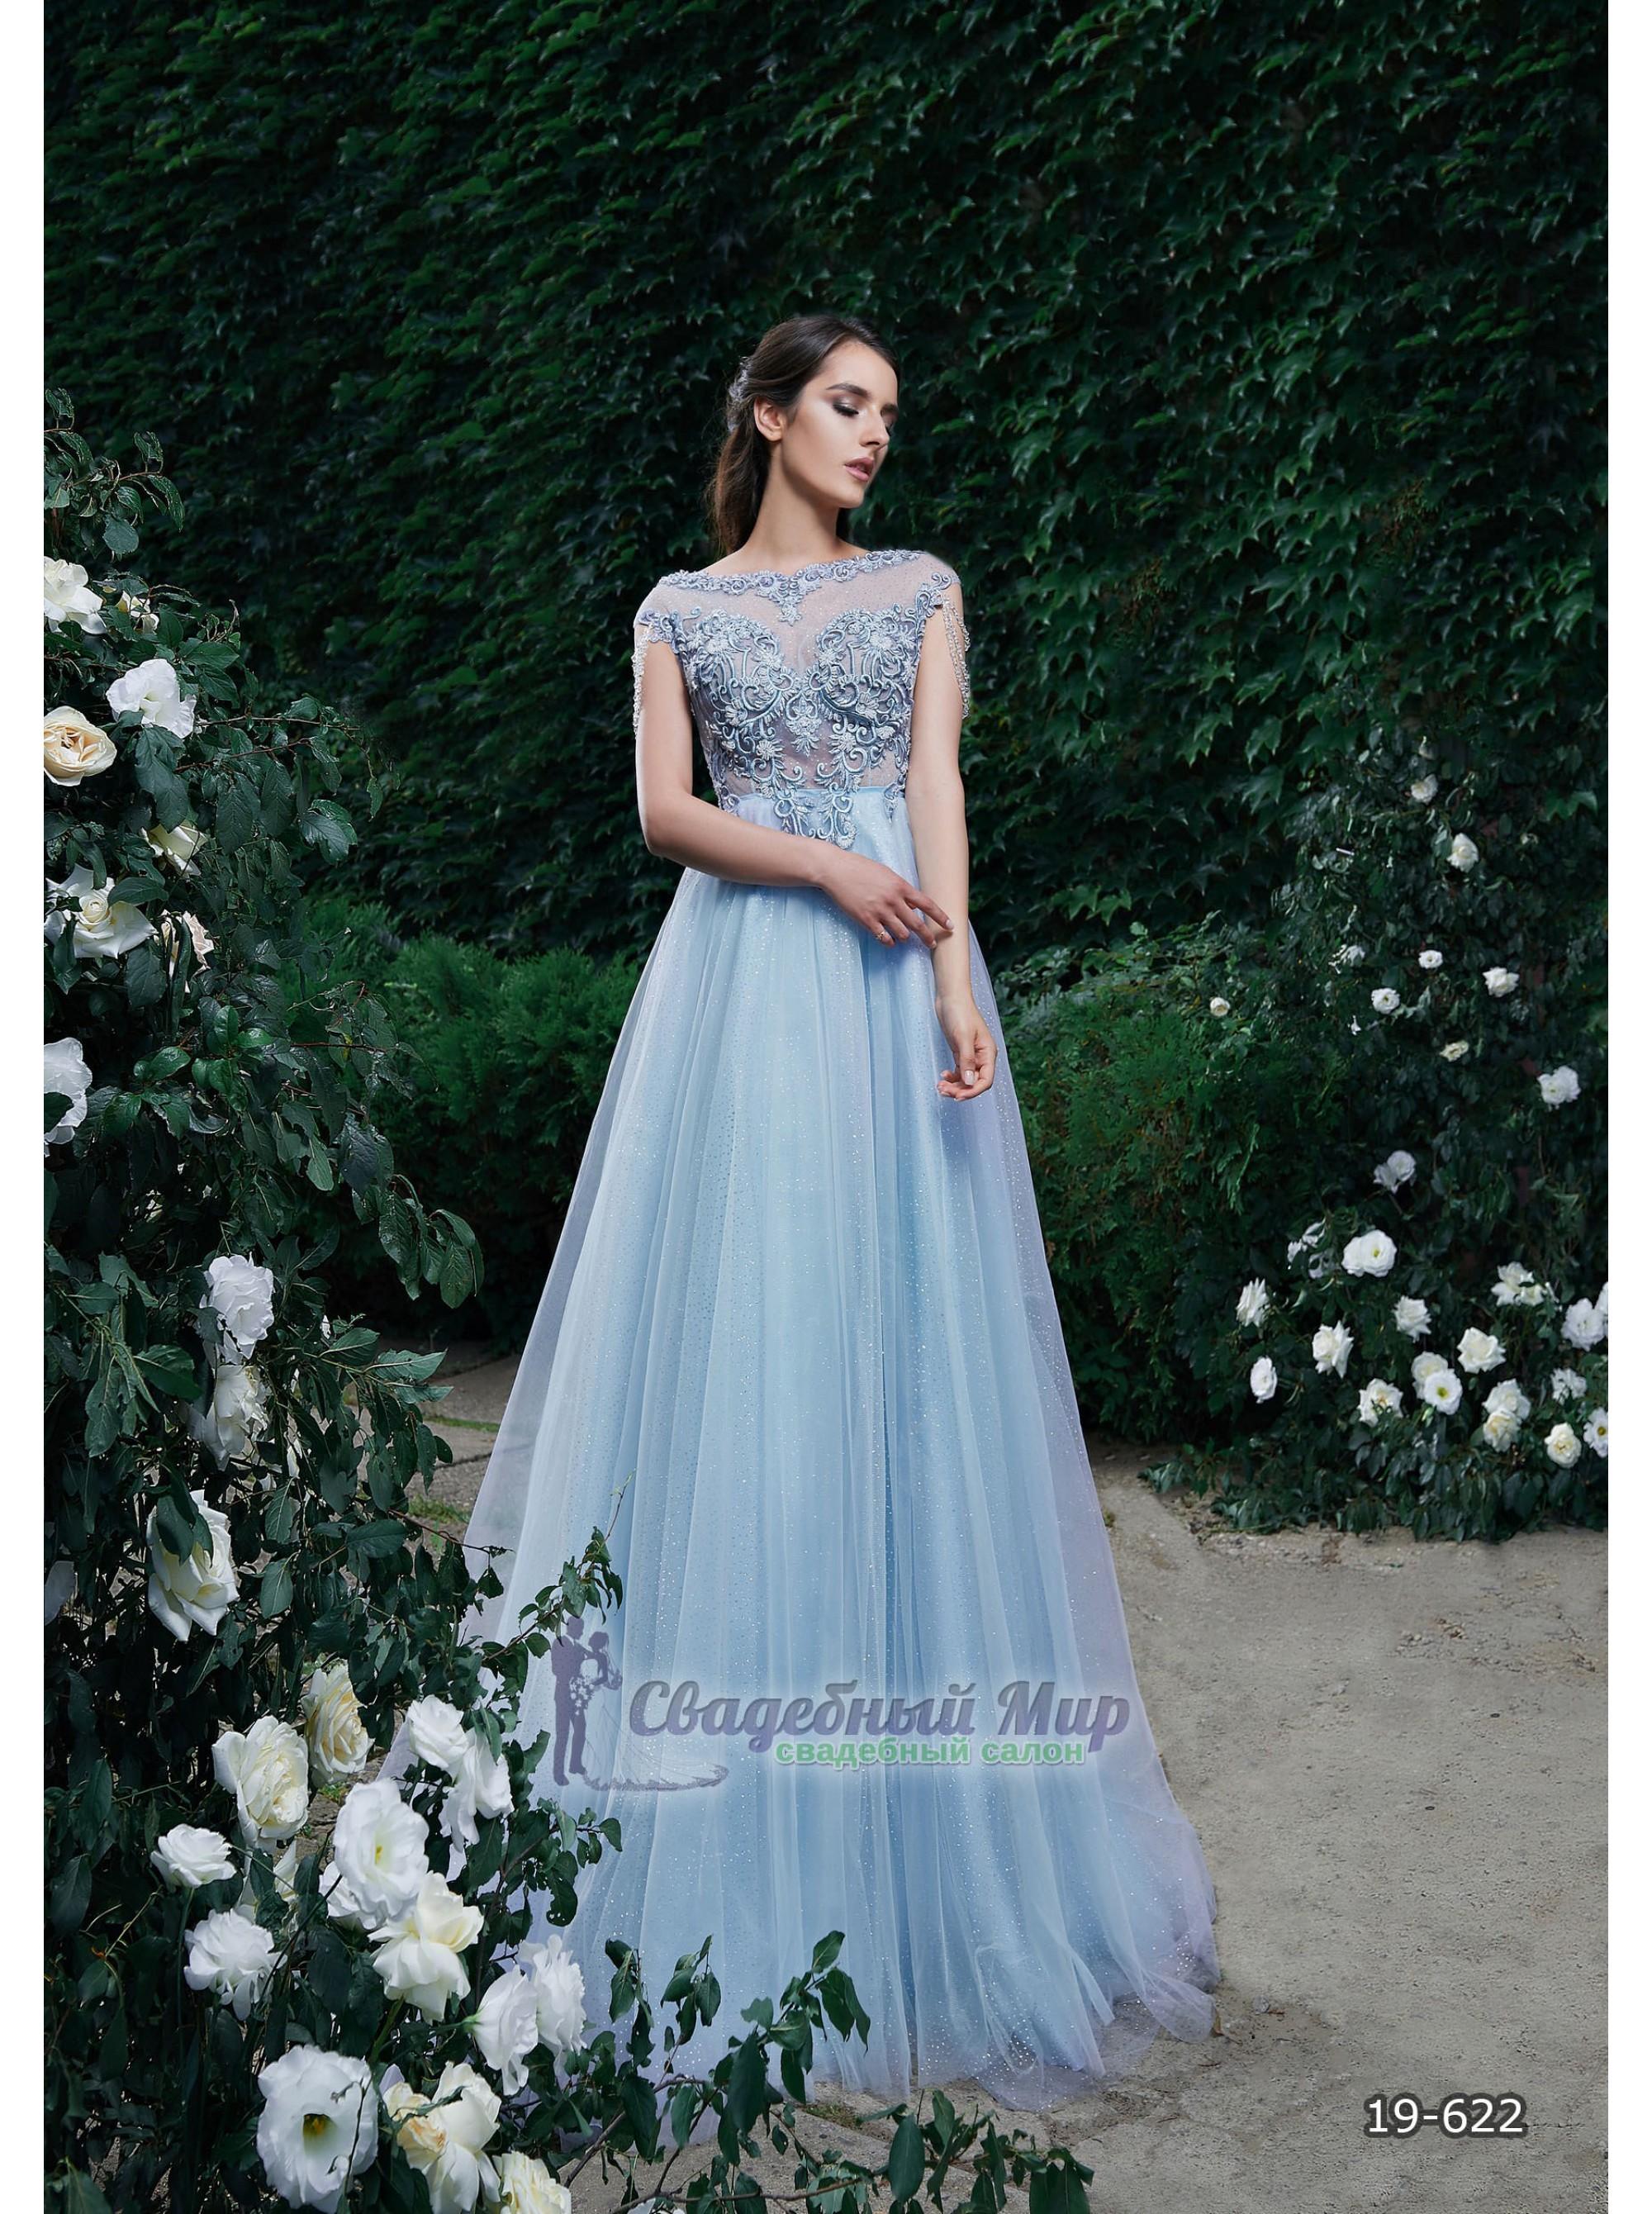 Вечернее платье 19-622